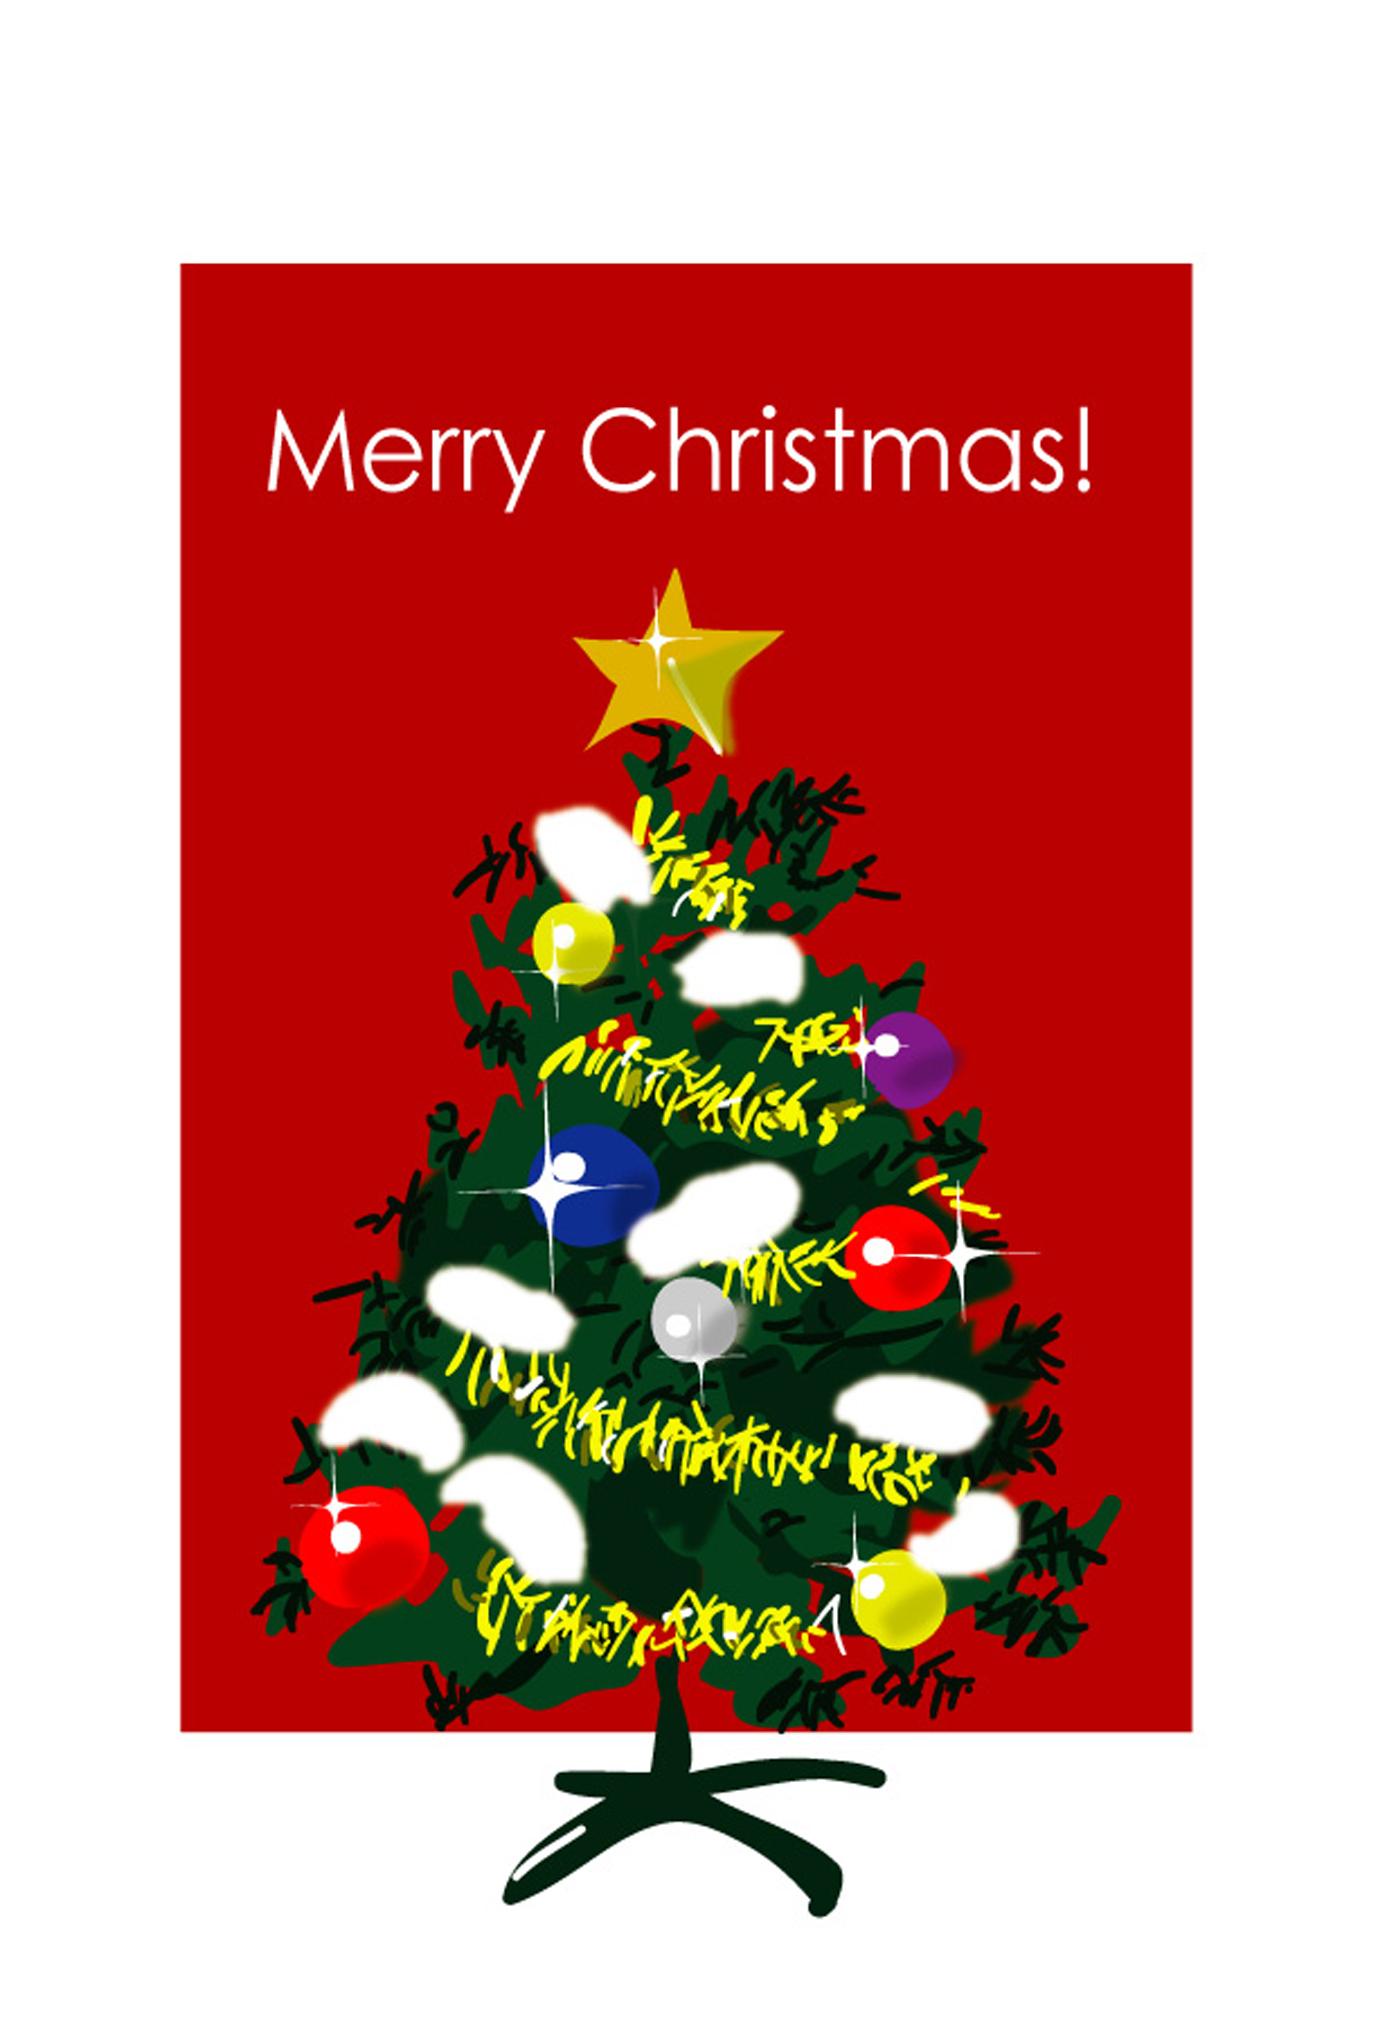 クリスマスカードクリスマスツリー2ダウンロードかわいい